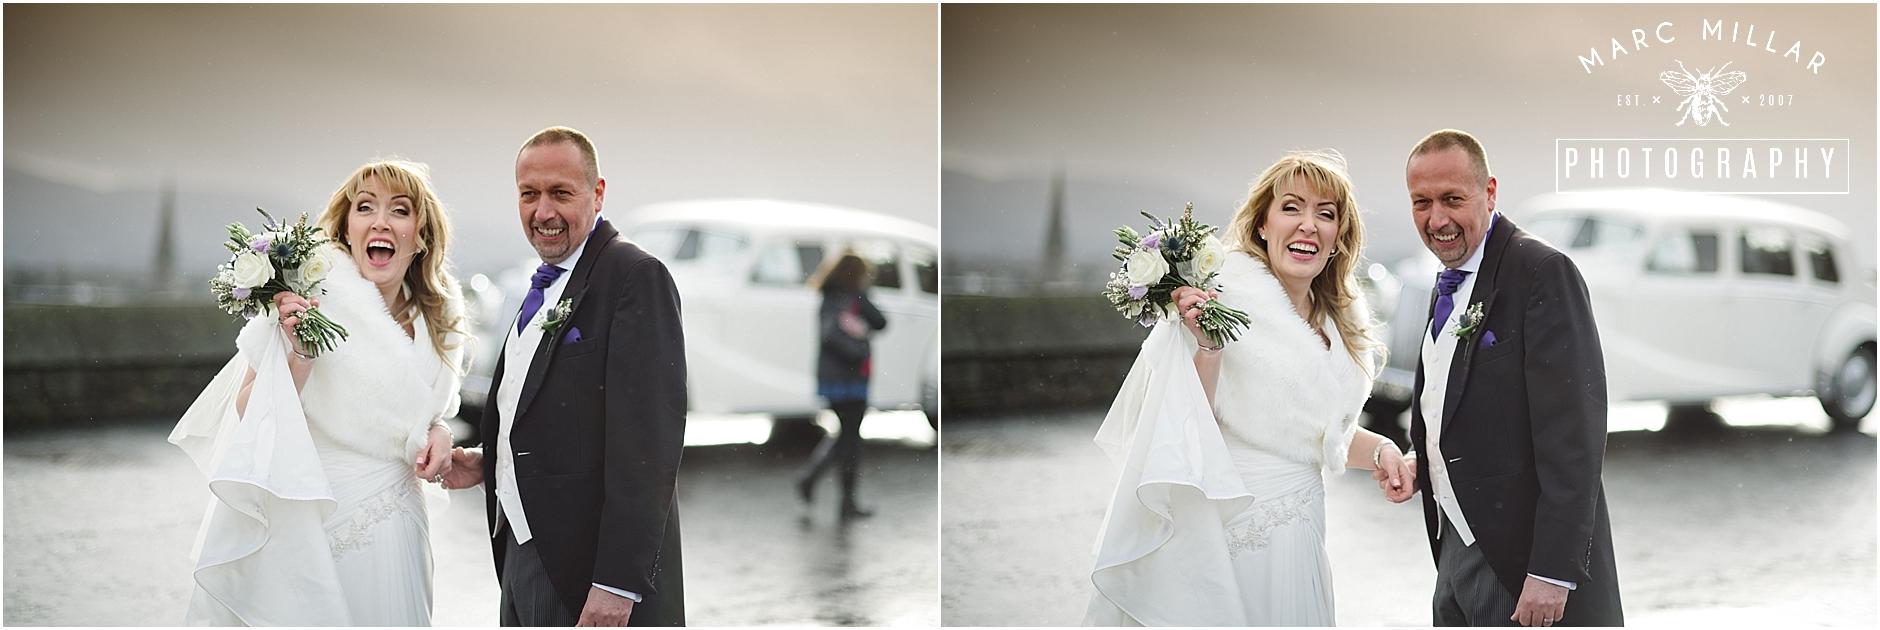 200216 Edinburgh Castle Wedding 275.jpg